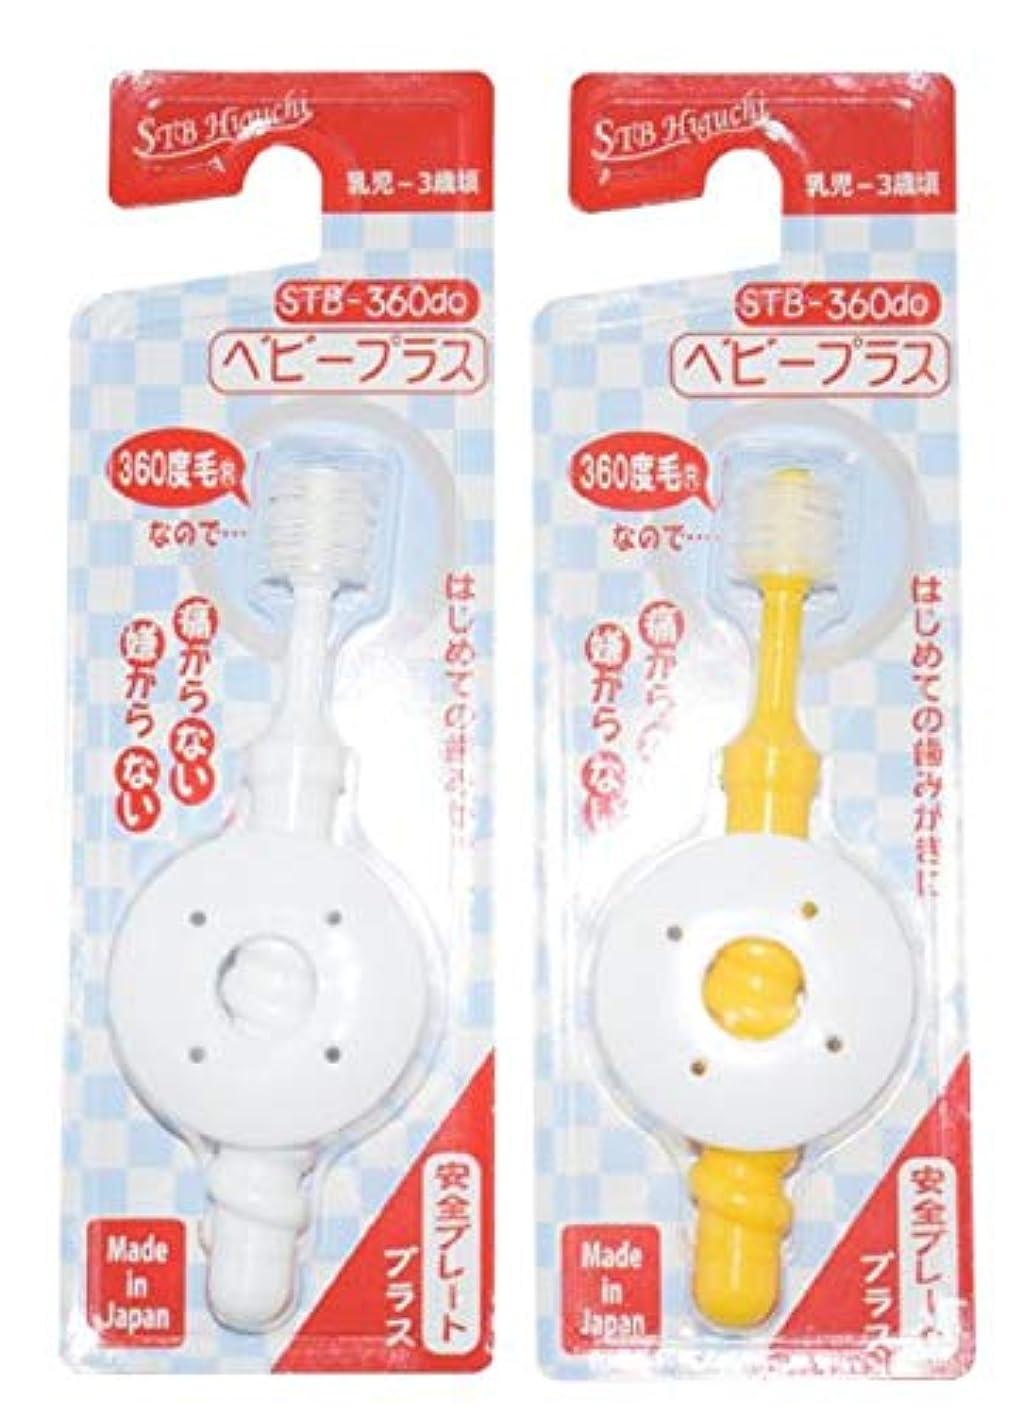 ファンブル偽善者アボートSTB-360do ベビープラス 2本セット 喉付き防止 安全パーツ付き幼児用